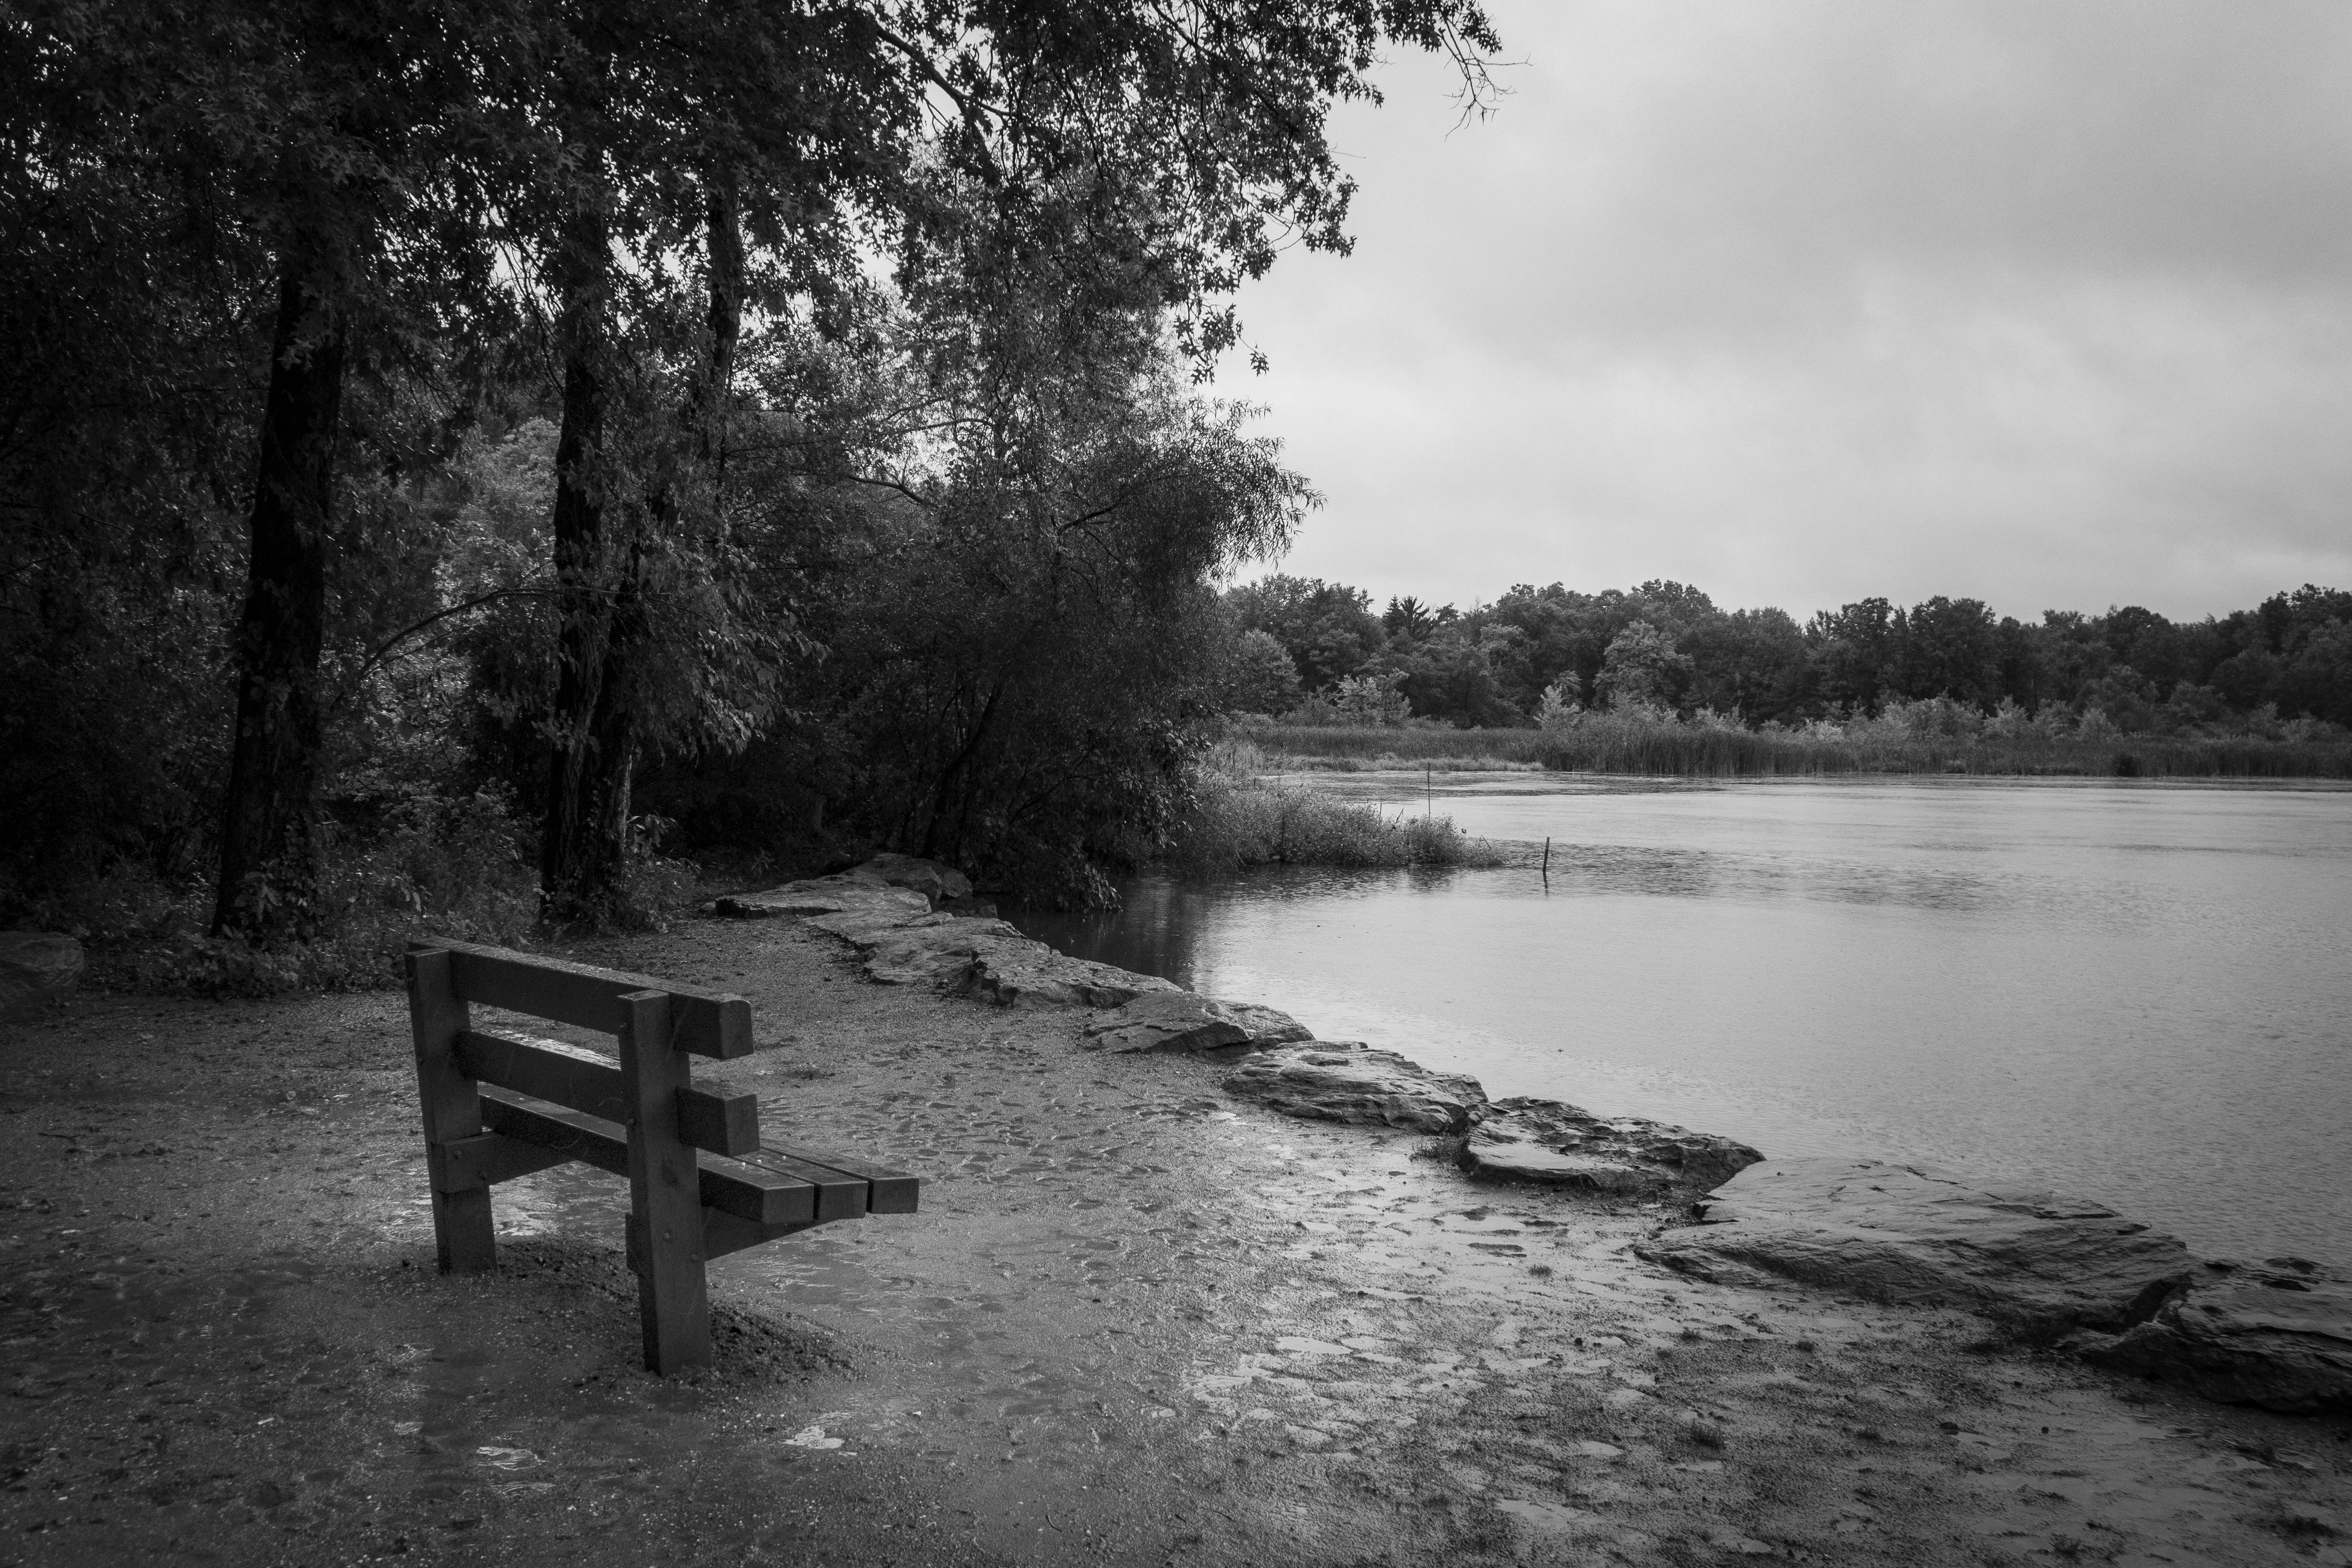 Late Summer - Wet